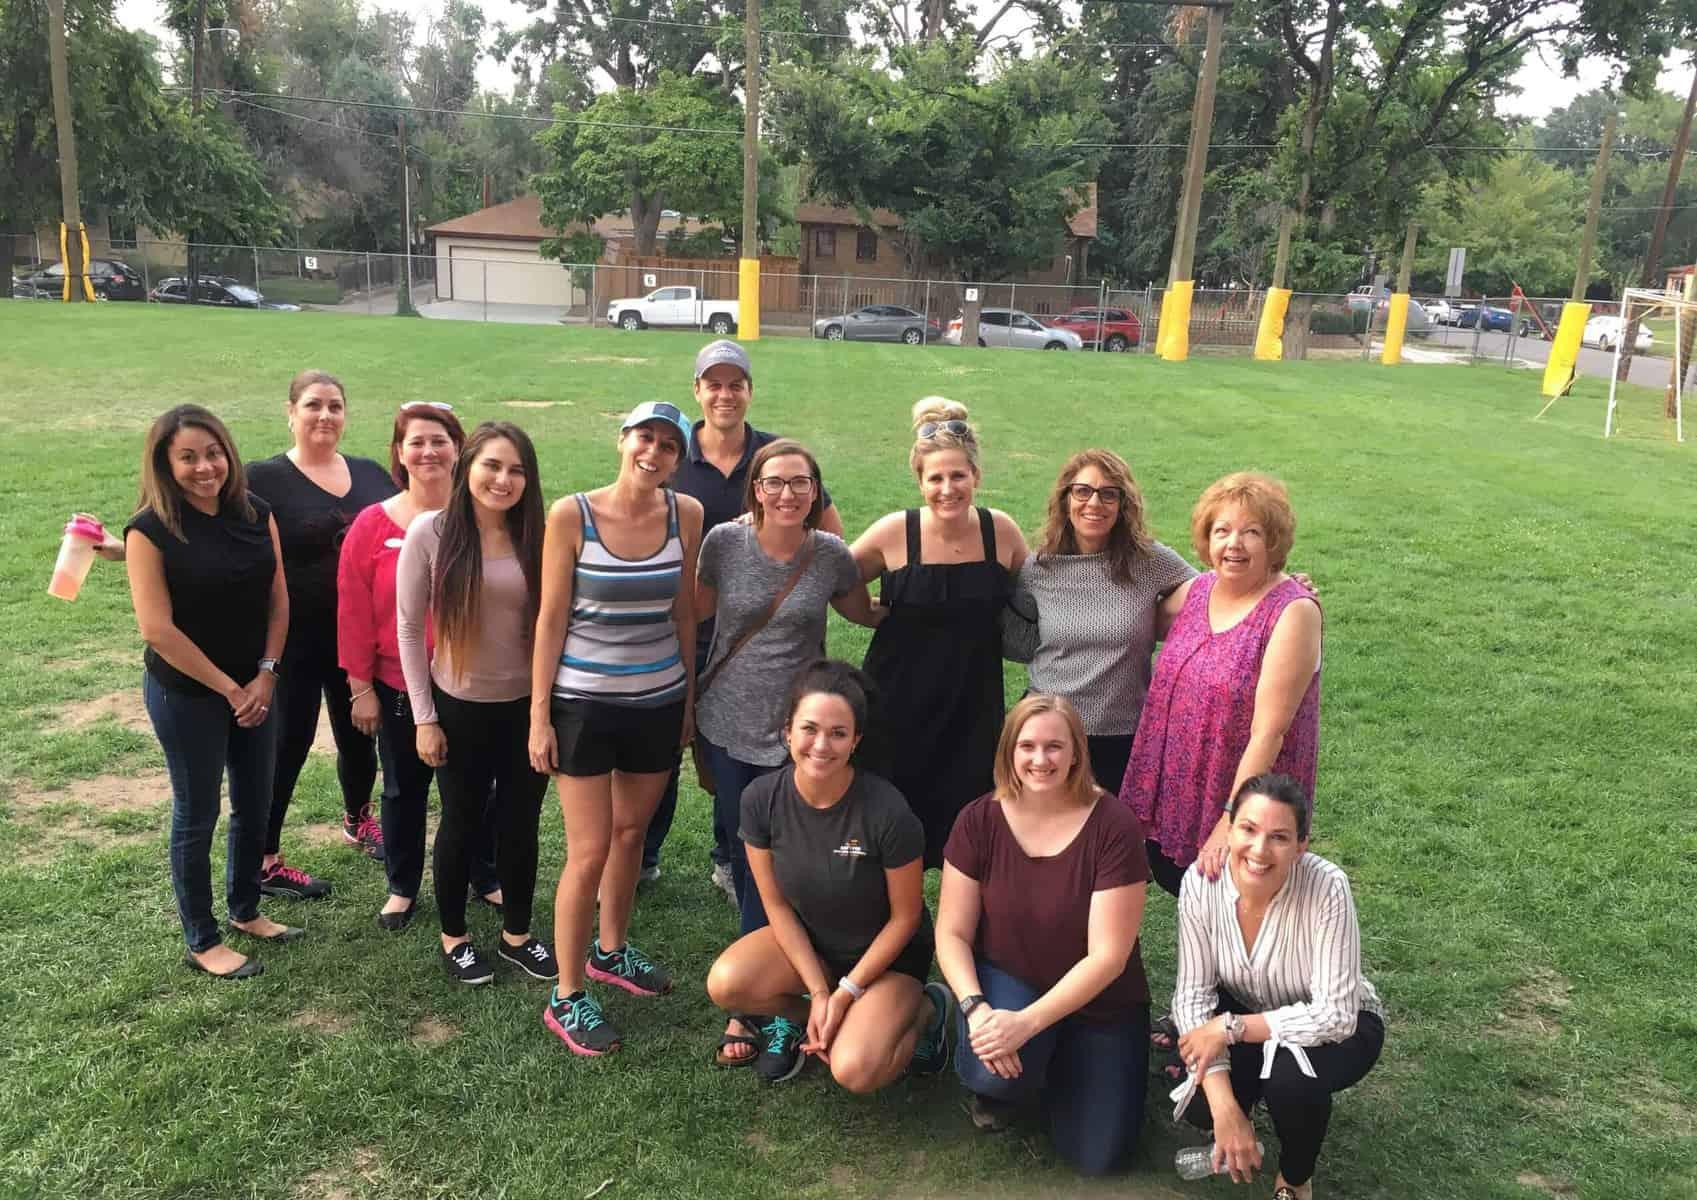 Denver Children's Home – August 2018